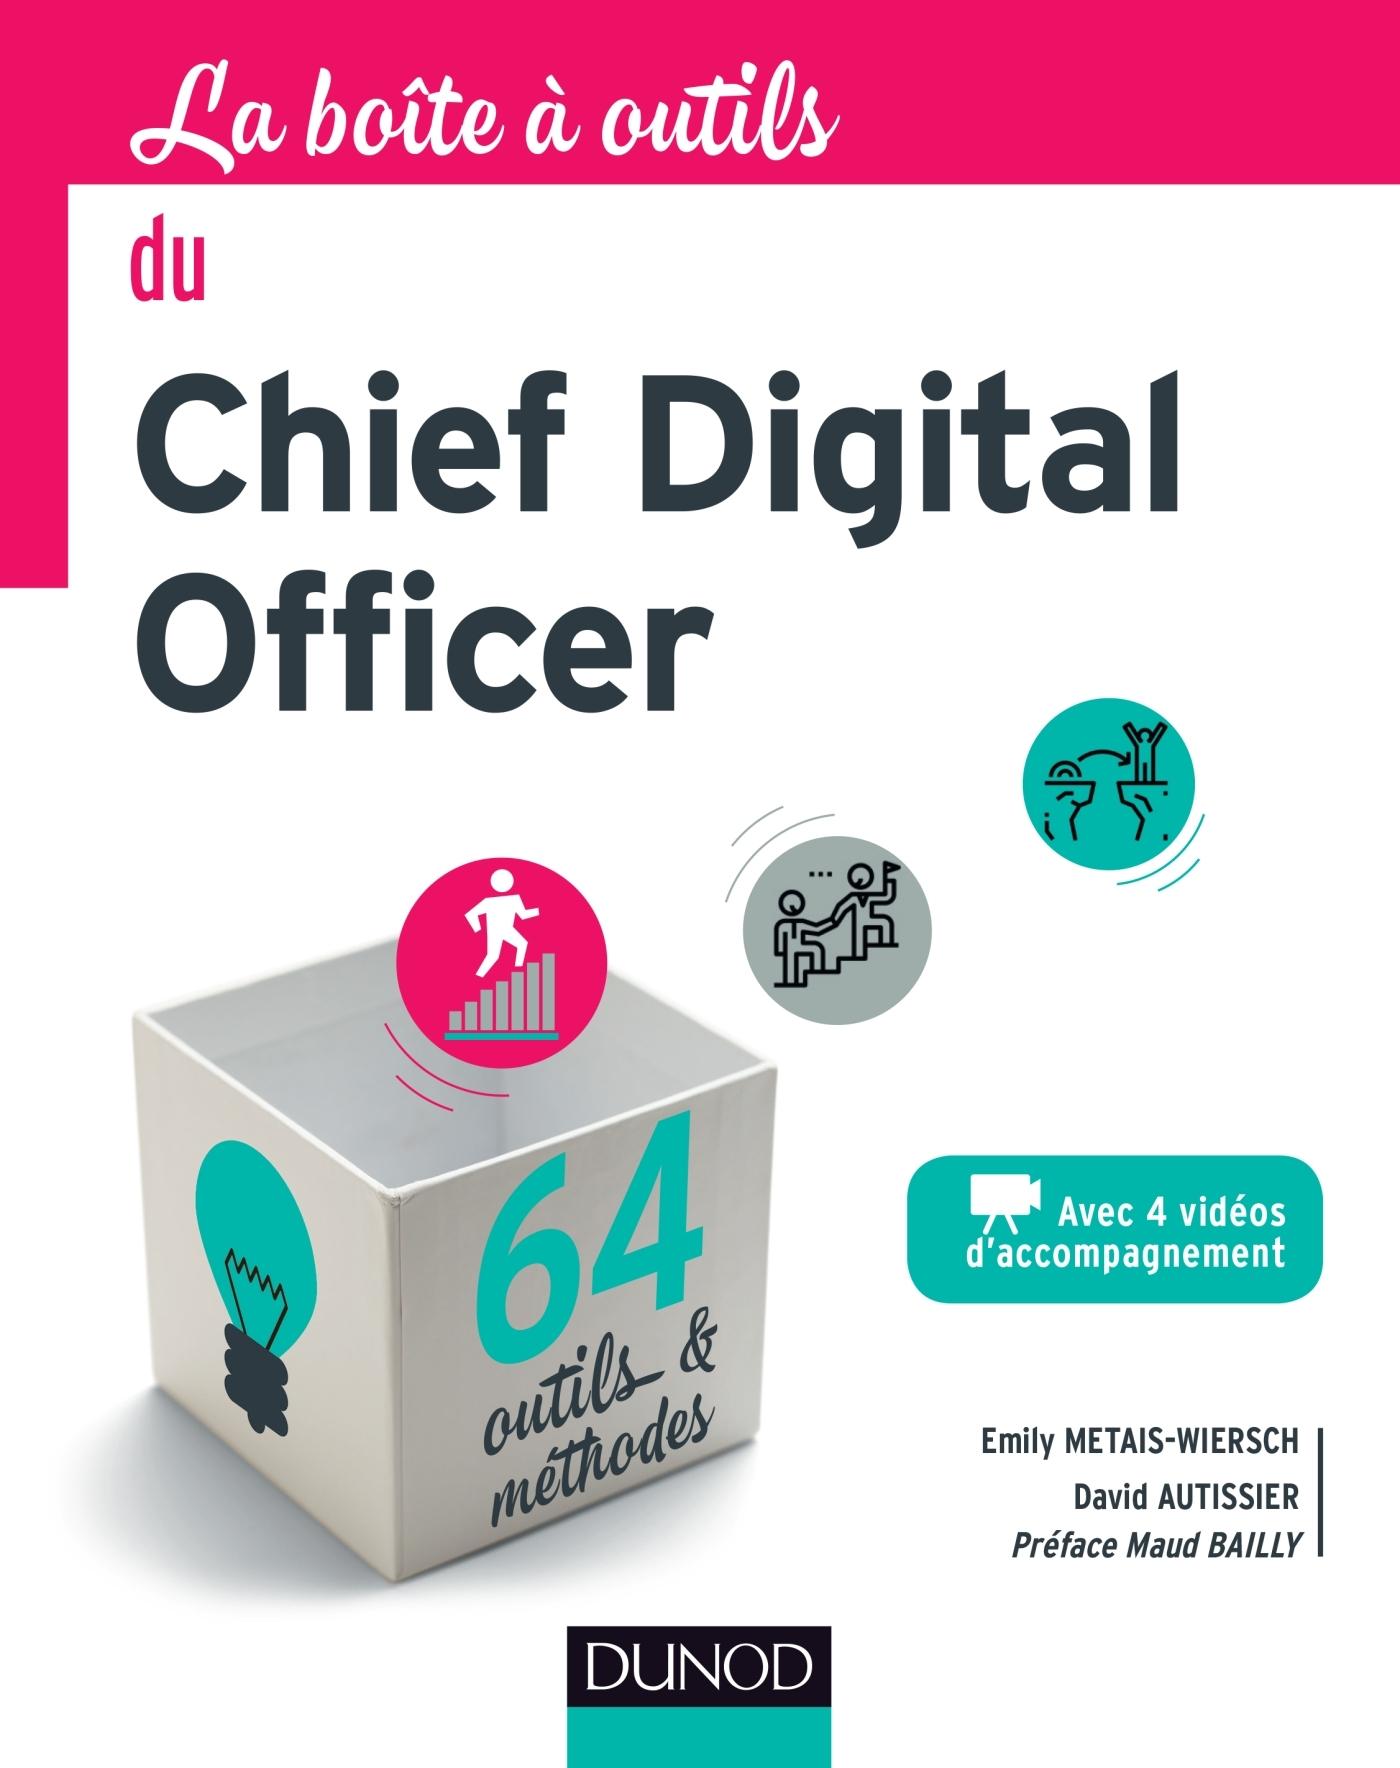 LA BOITE A OUTILS DU CHIEF DIGITAL OFFICER